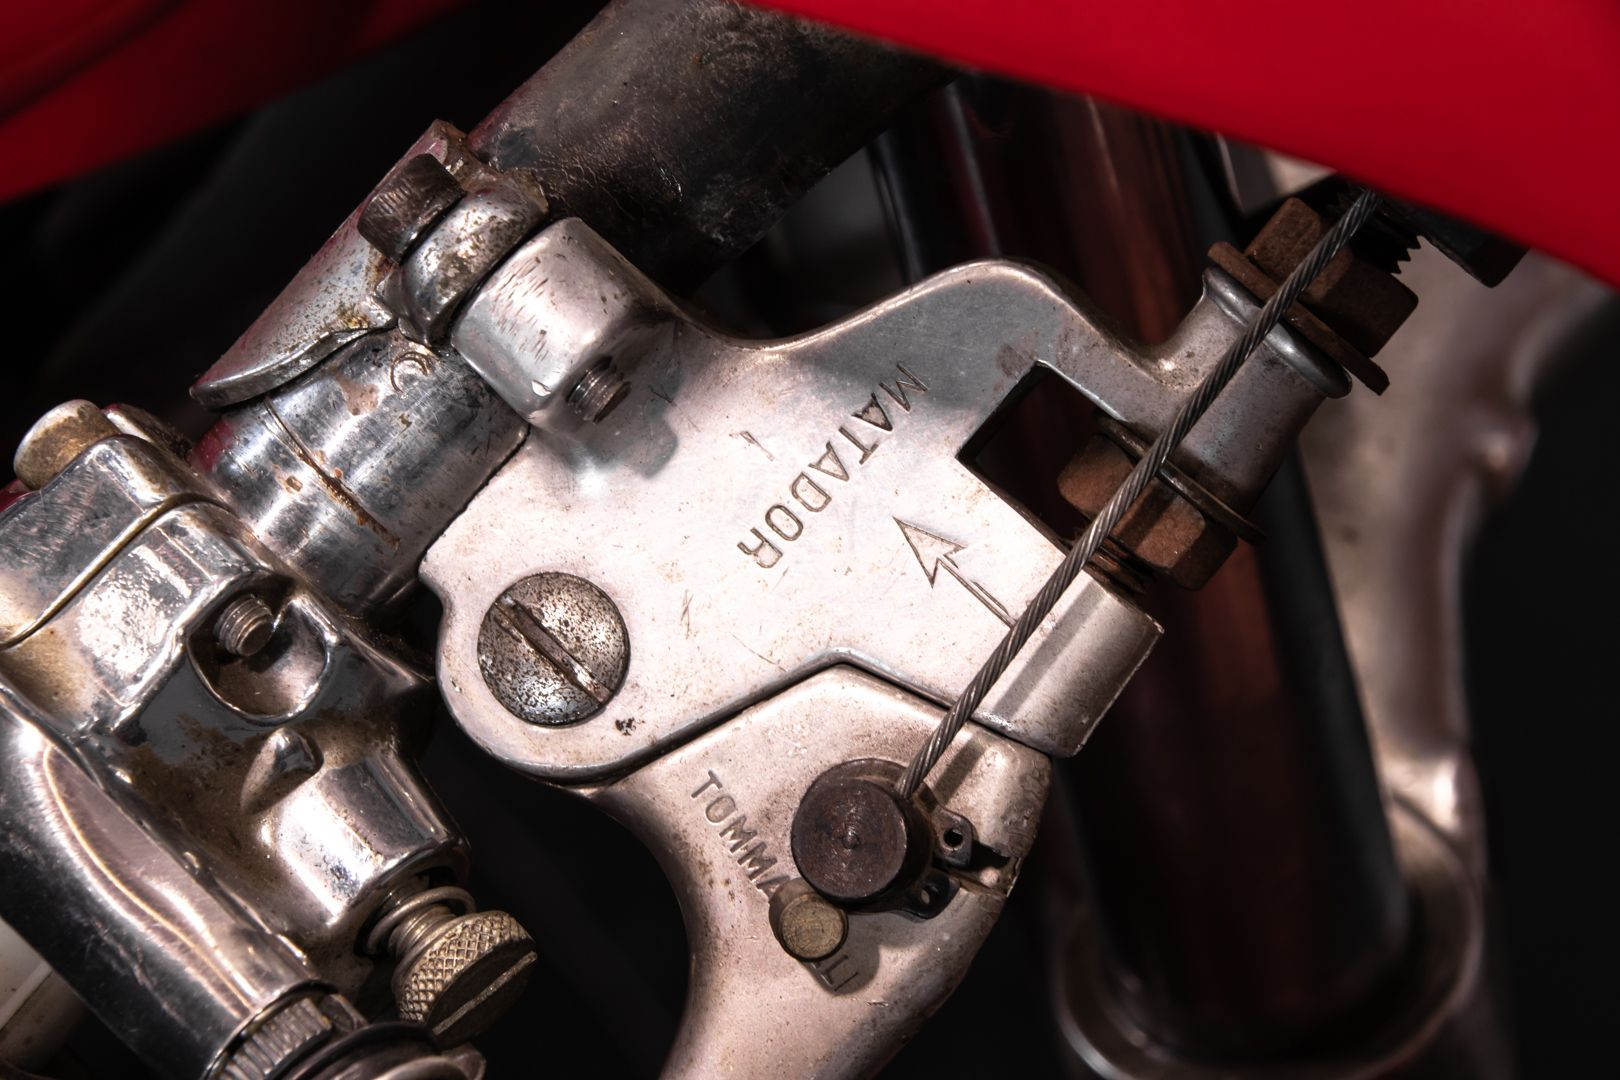 1969 Guazzoni Matta 50 71860